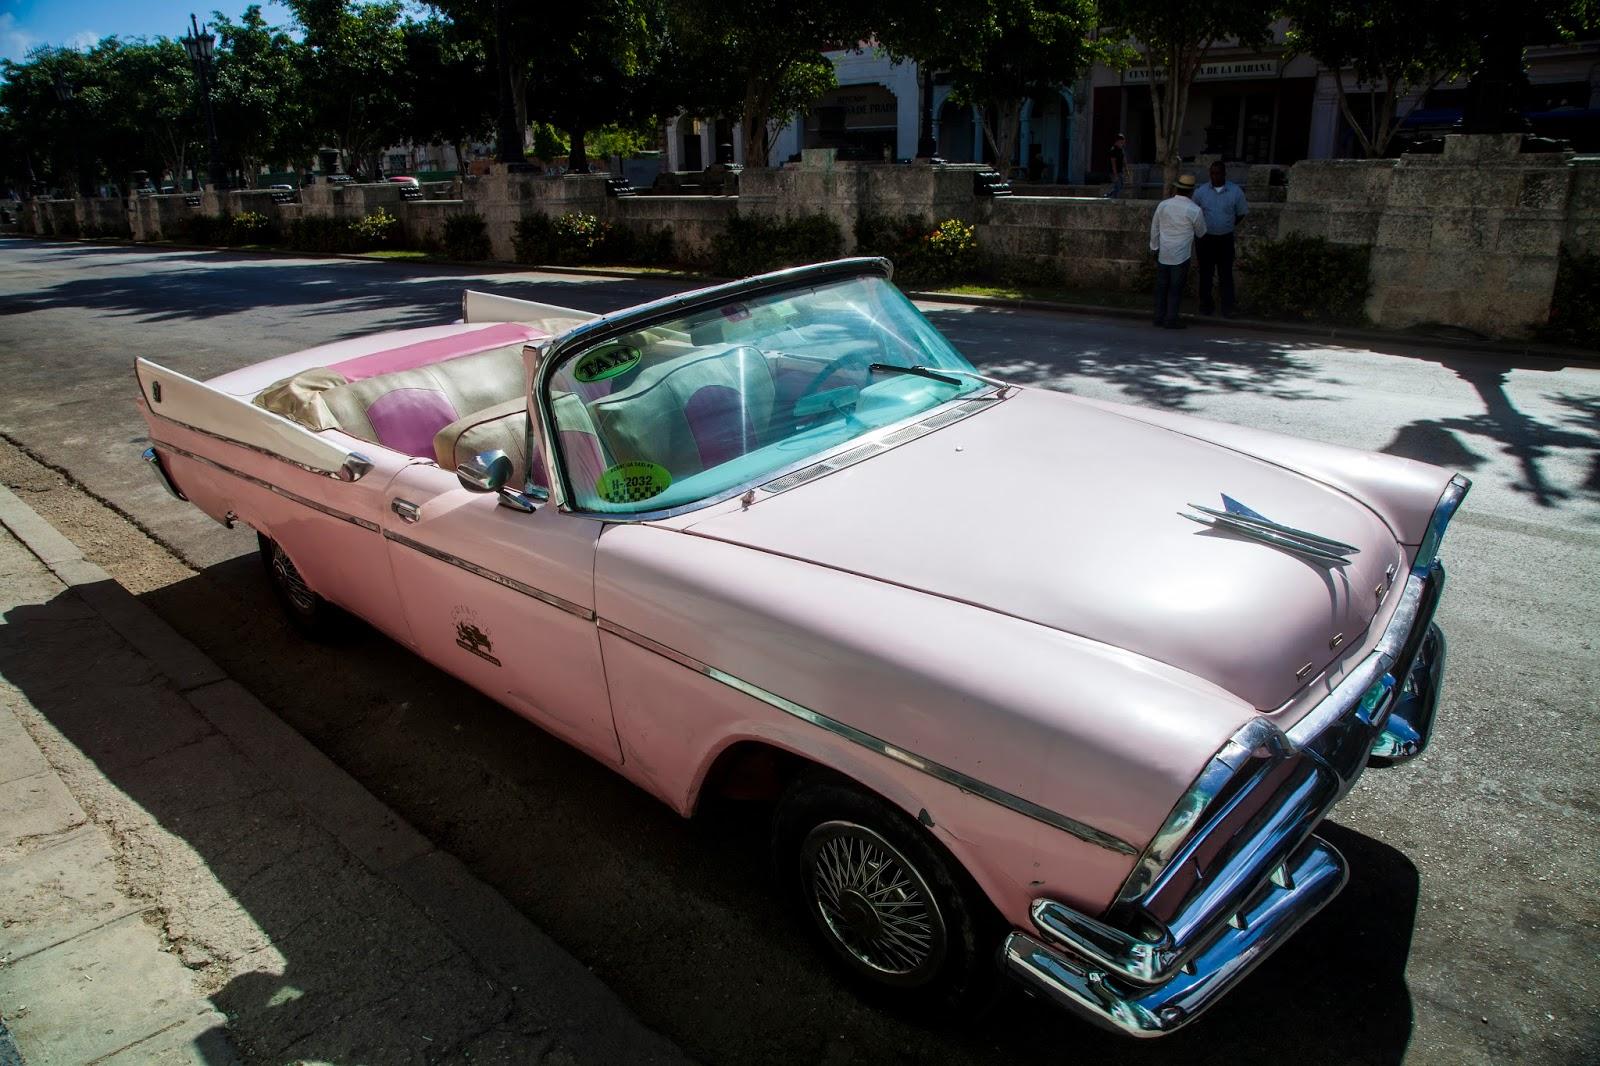 photo of Cindy Bruna Cadillac - car